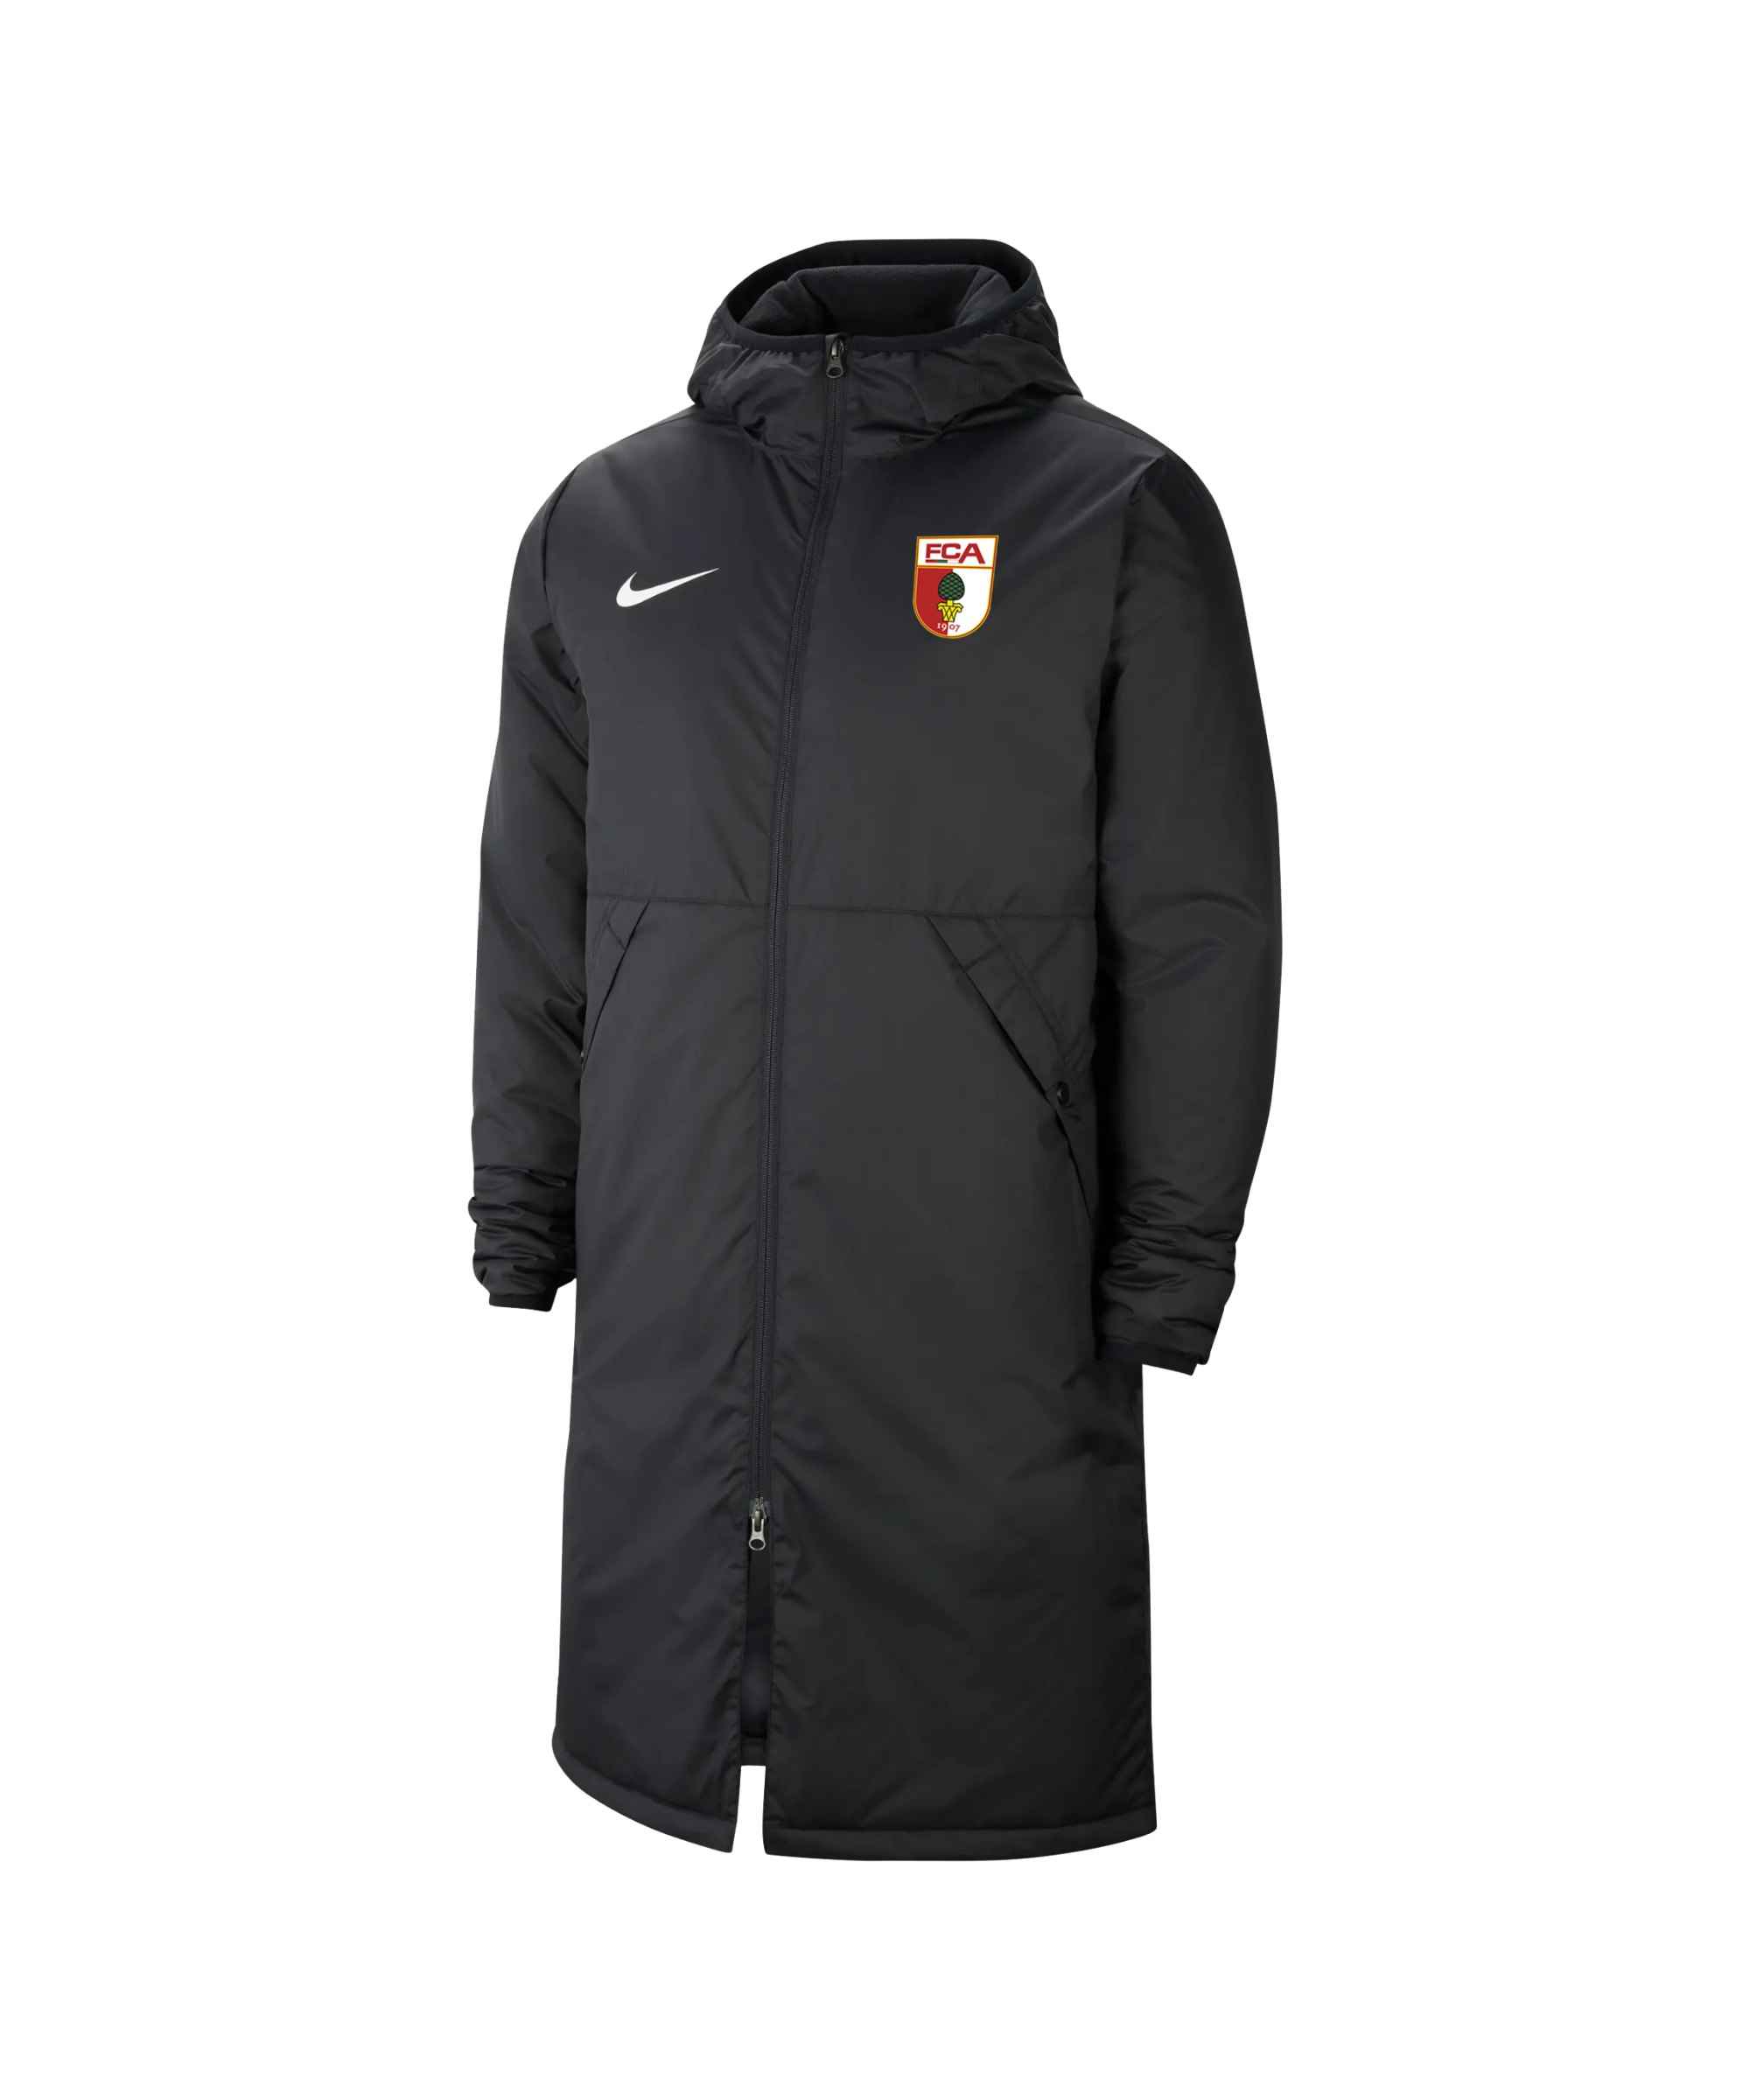 Nike FC Augsburg Winterjacke Schwarz F010 - schwarz